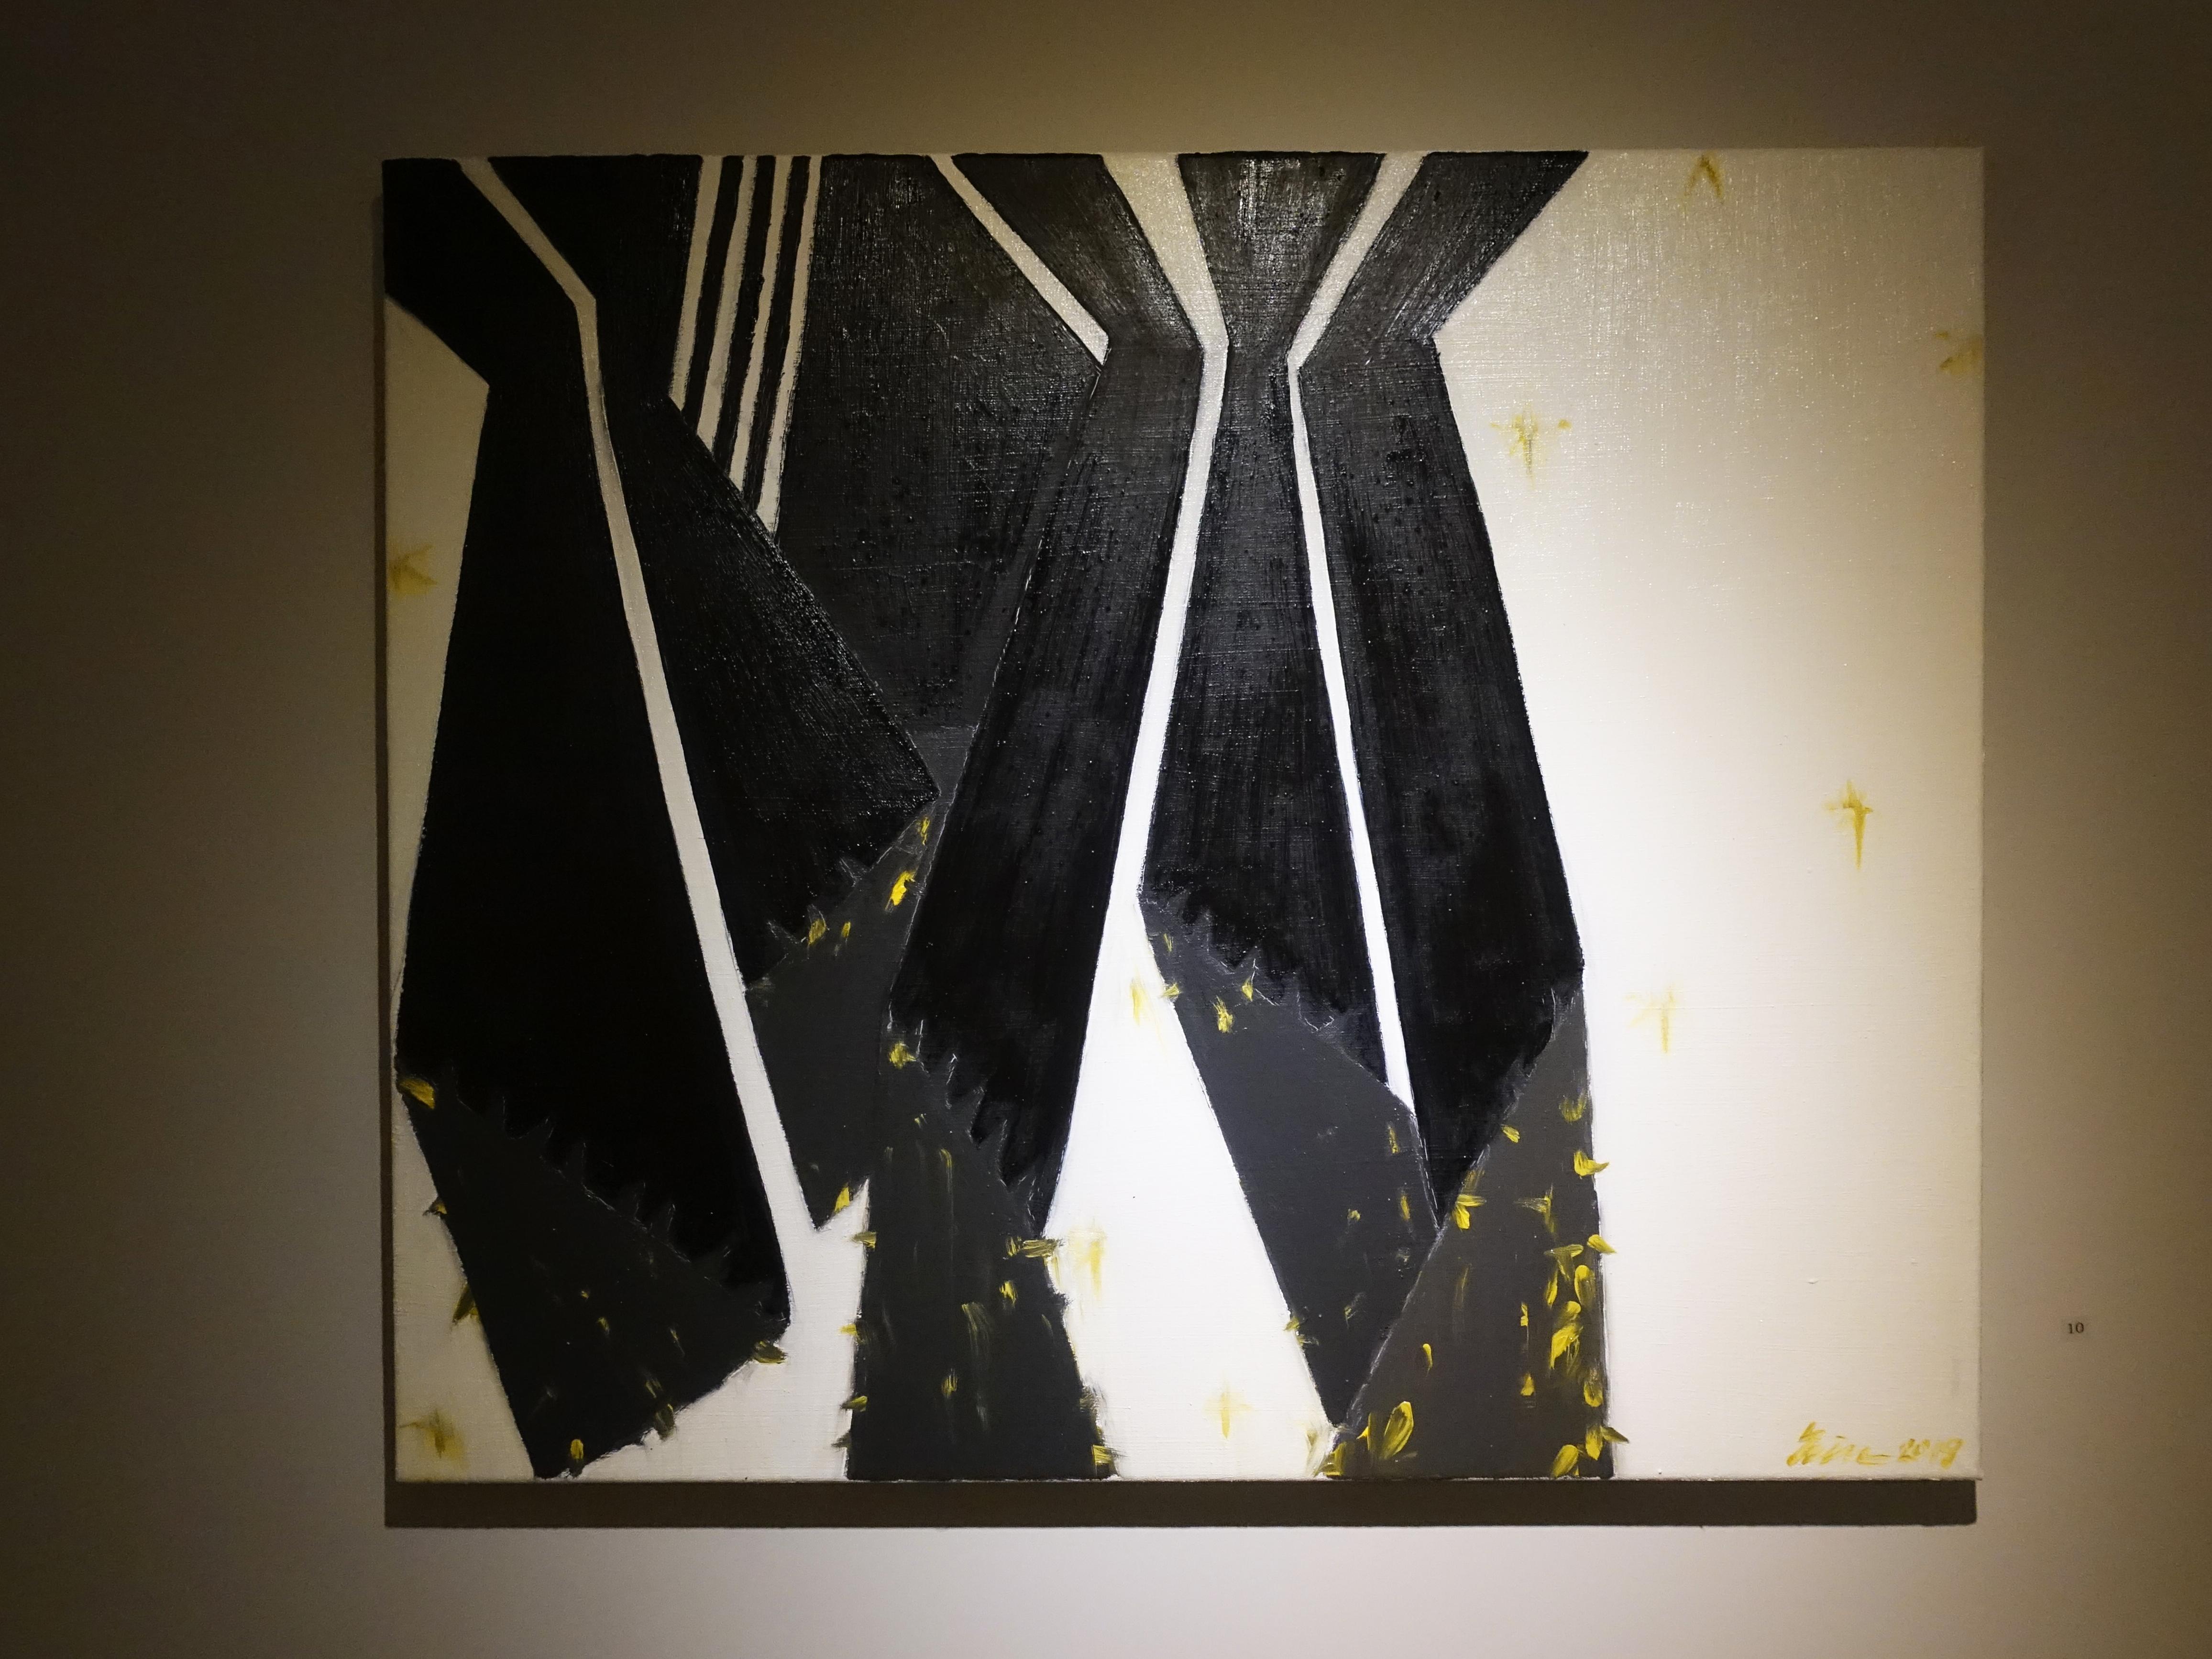 劉永仁,《空間張力之四》,60x72.5cm,油彩、畫布,2019。